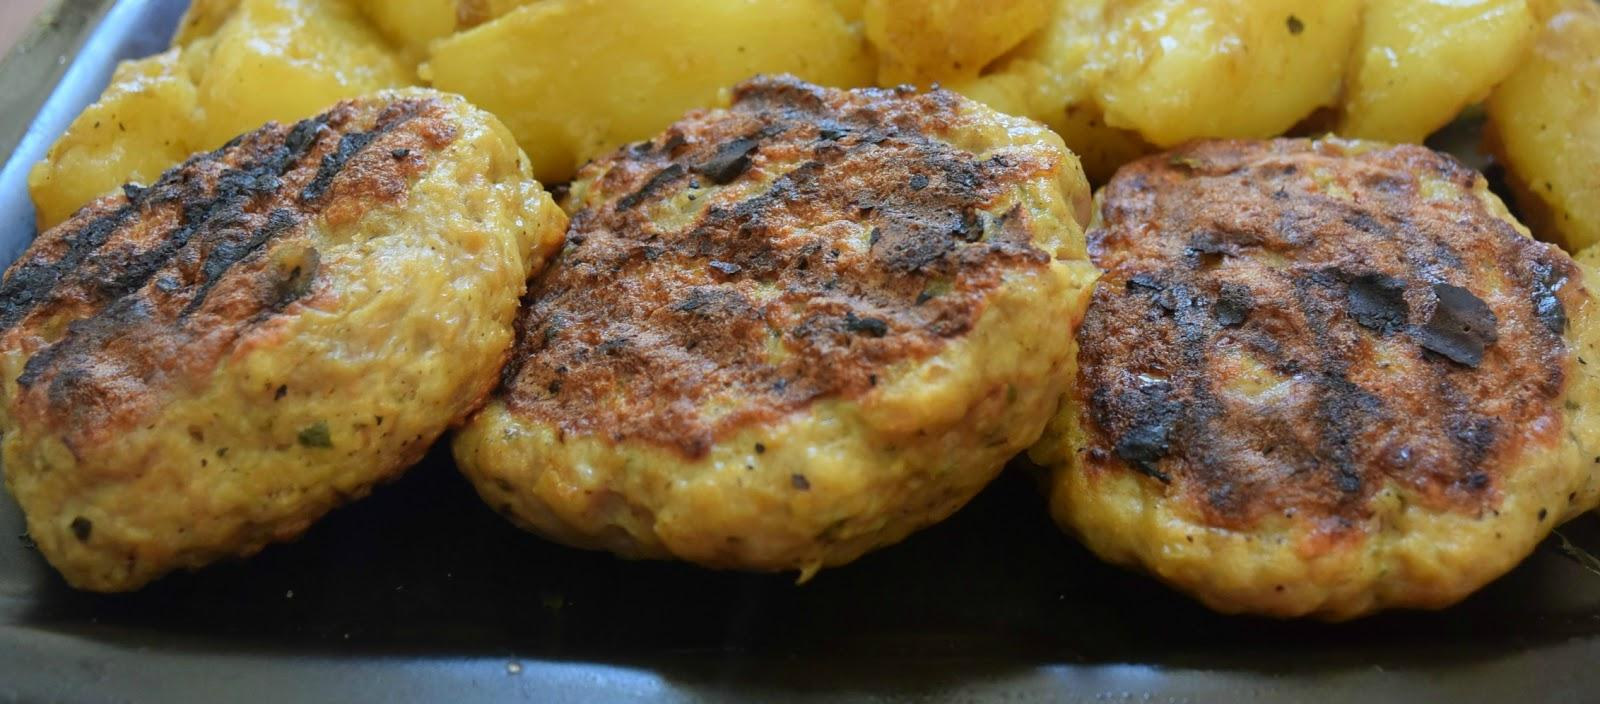 Μπιφτέκια με διαφορετικές πατάτες πεντανόστιμες